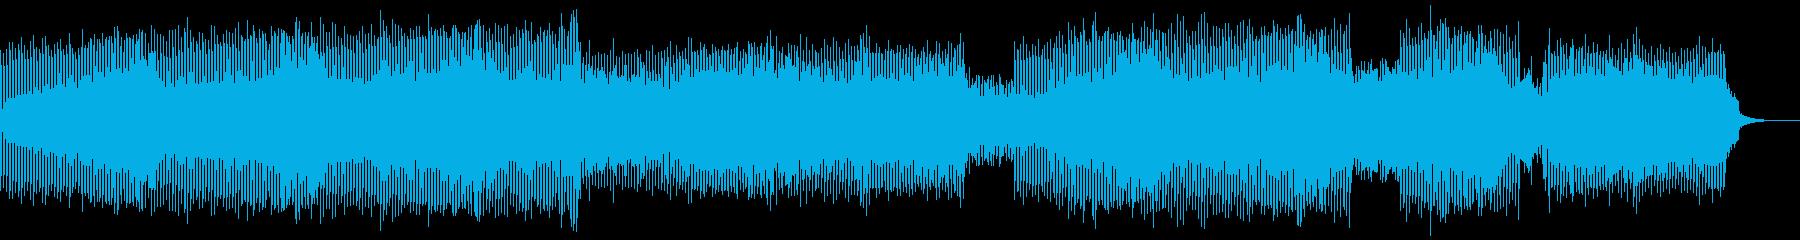 ボス戦:ダークネオクラシカルテクノの再生済みの波形